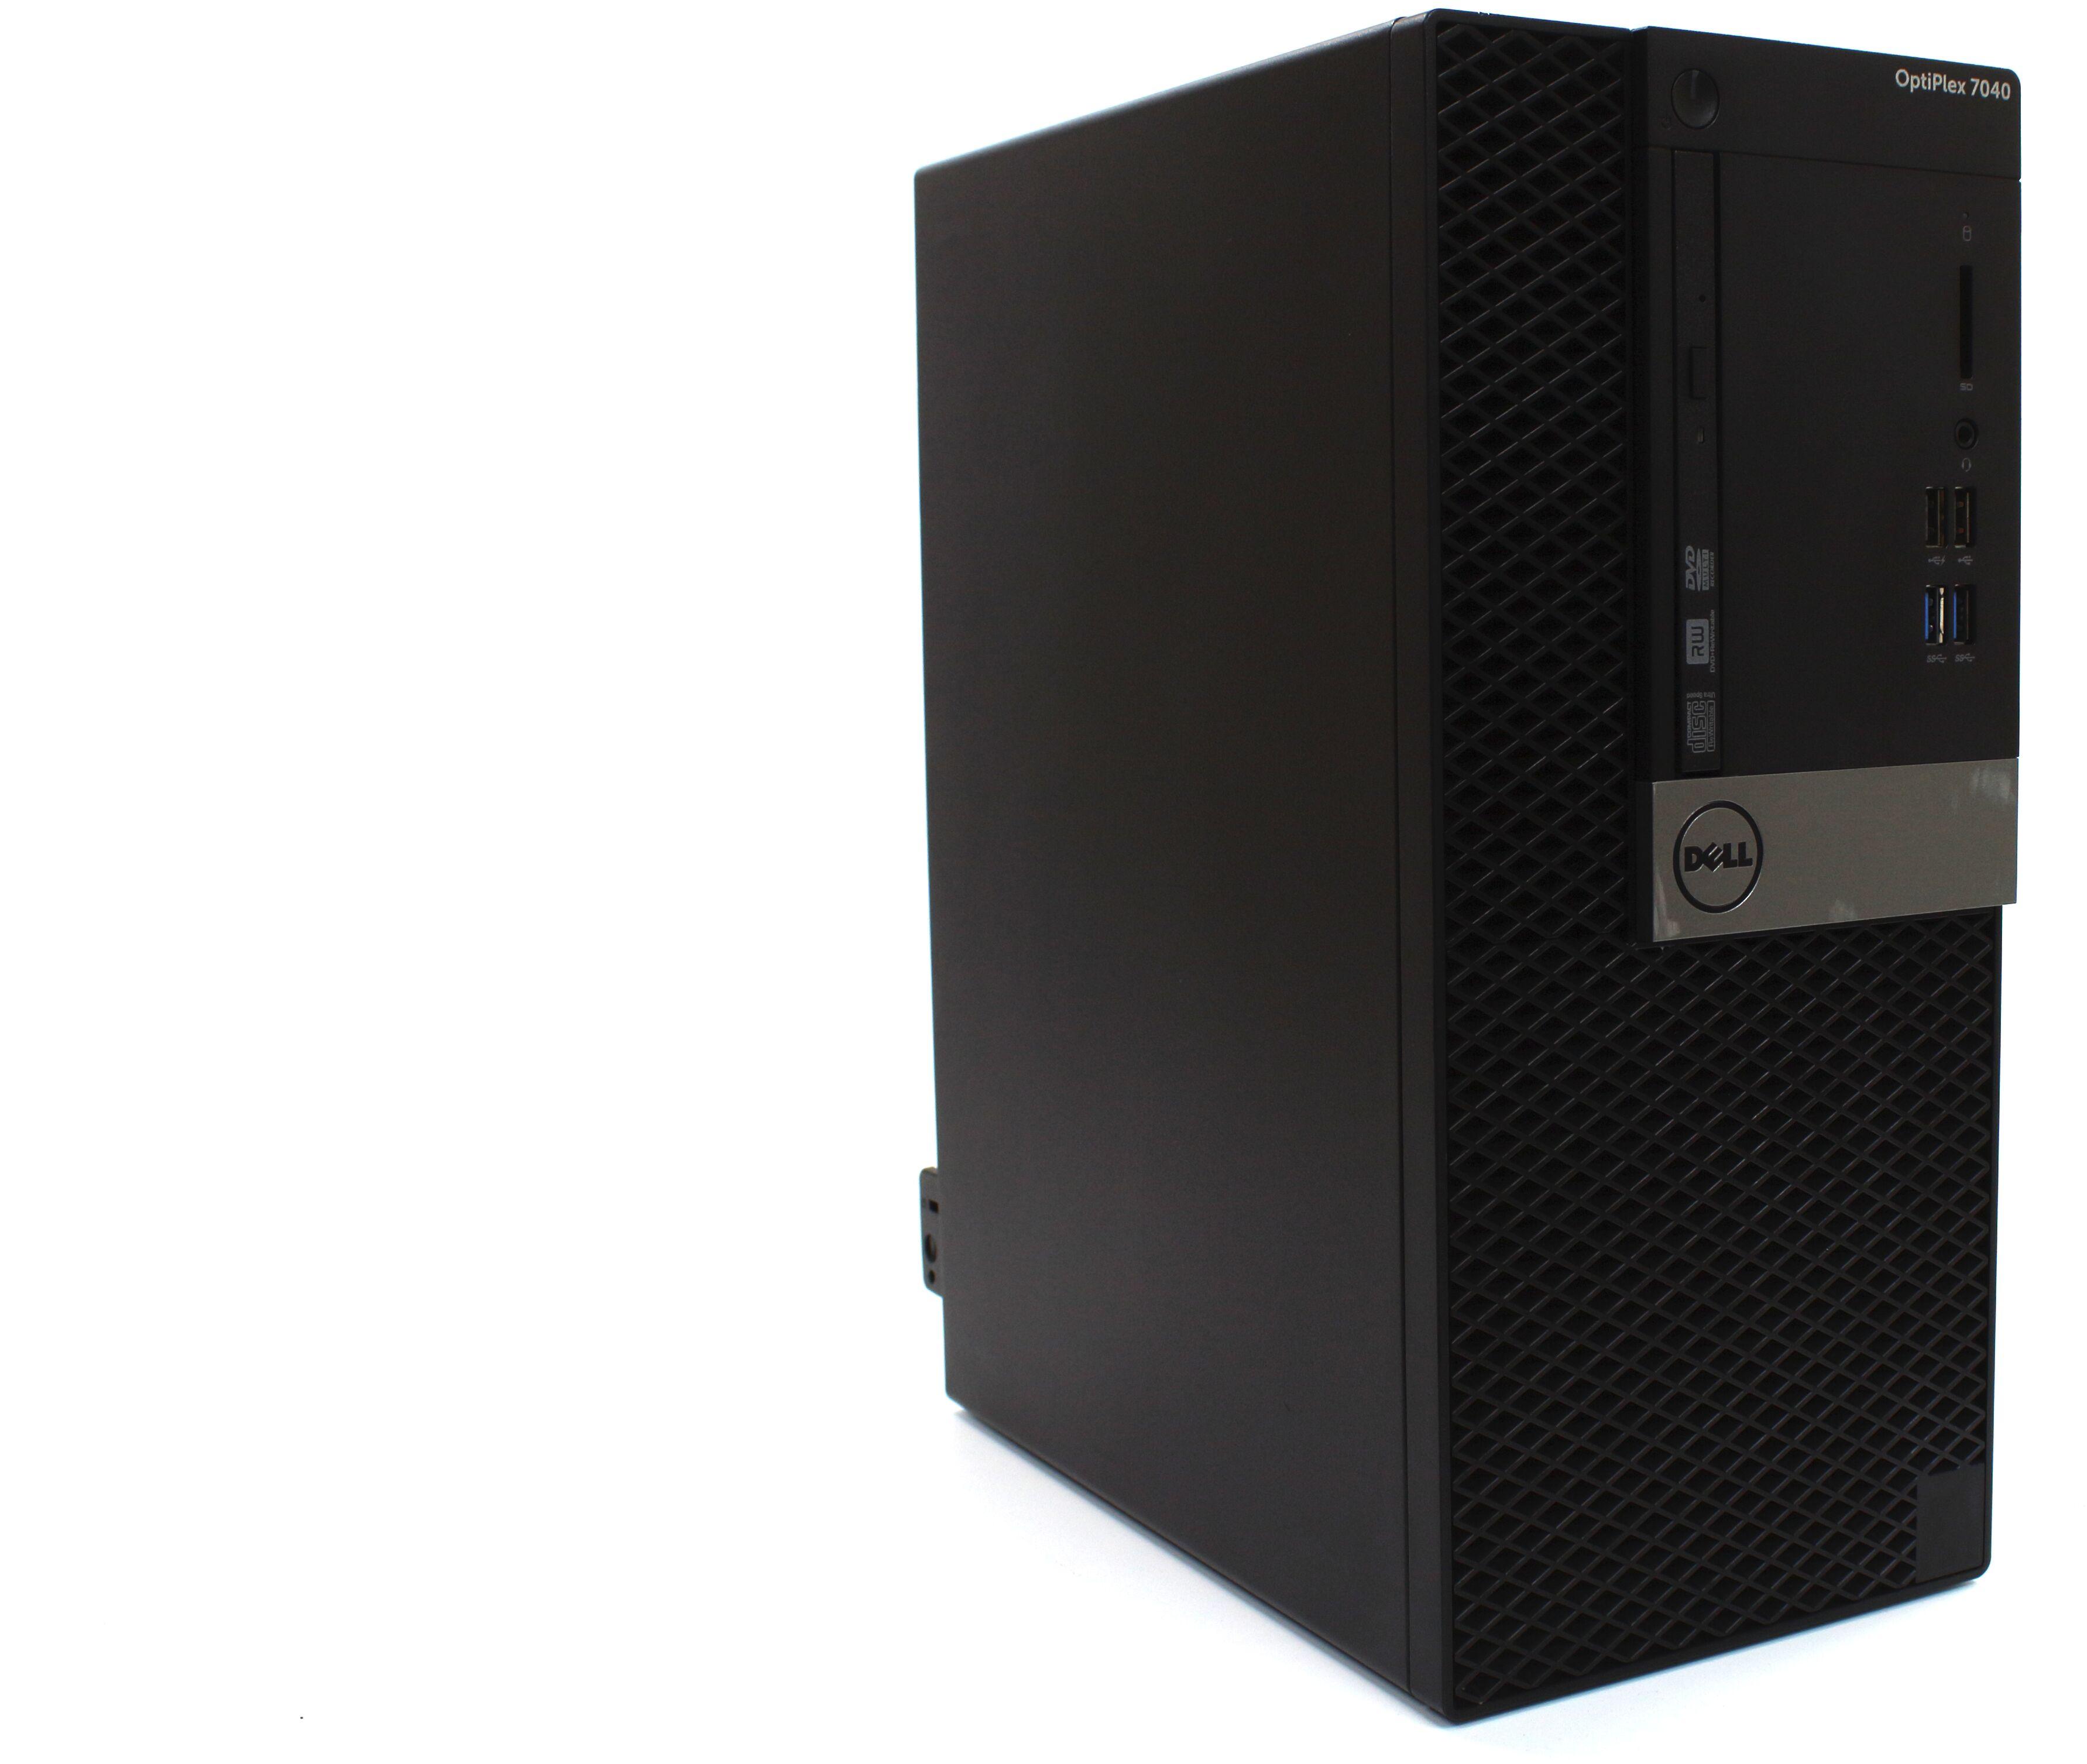 Komputer Dell OptiPlex 7040 Tower i5-6500 4x3,60GHz 16GB 240GB SSD + 500GB HDD DVD-RW Windows 10 Professional